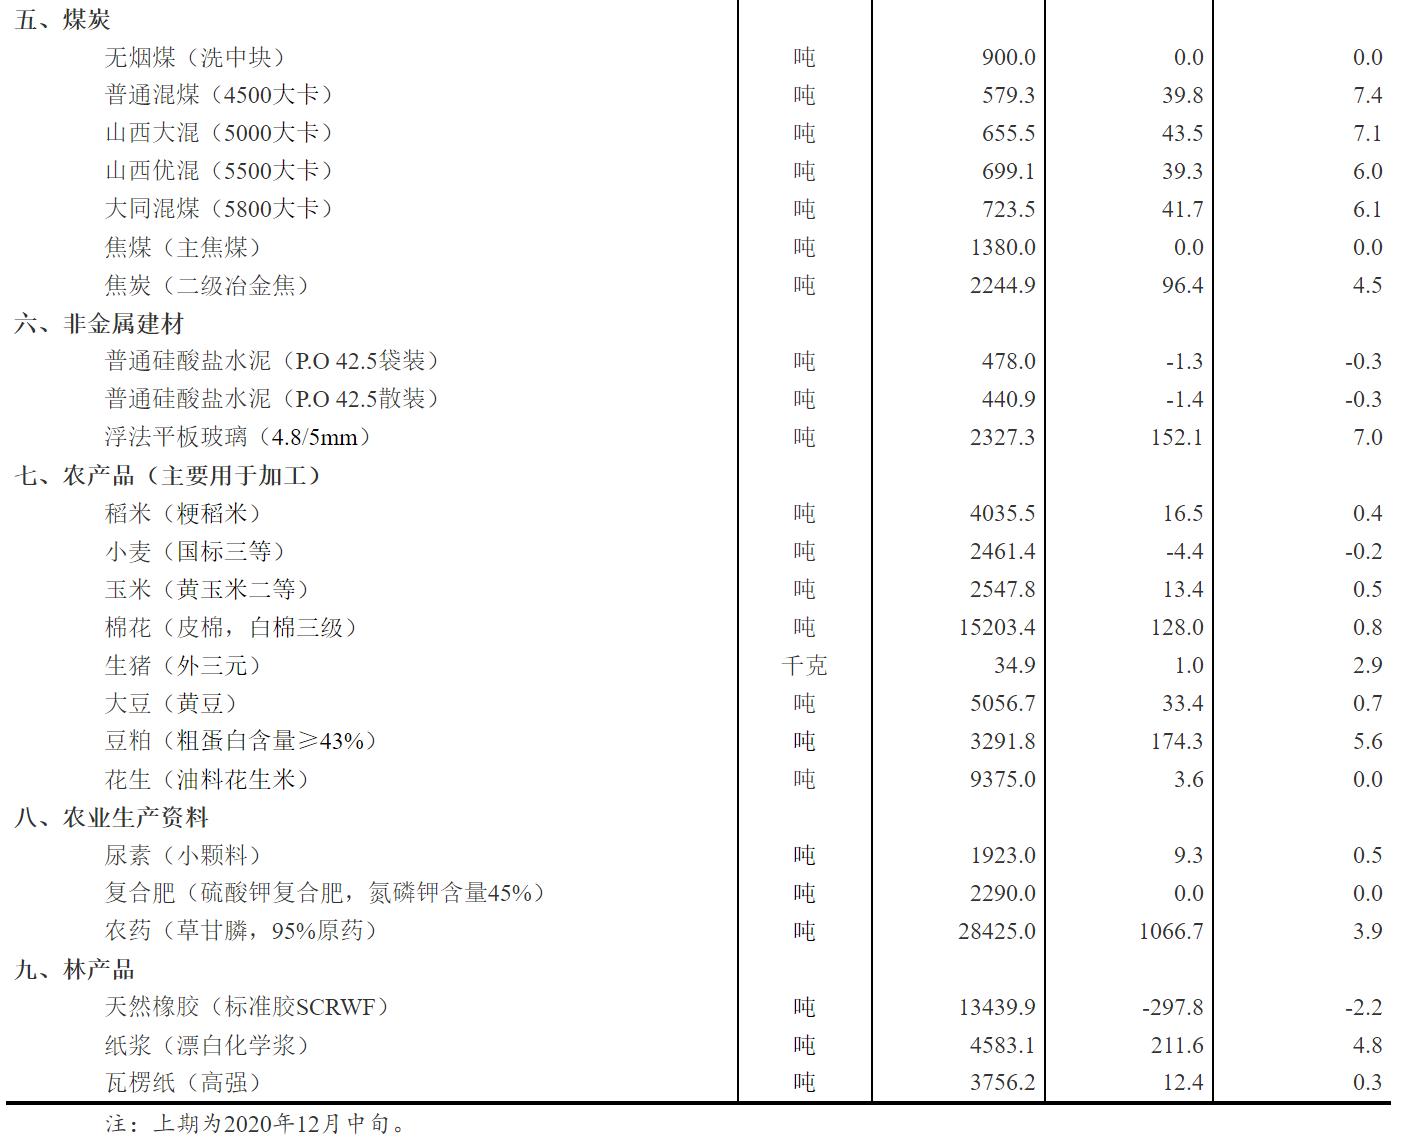 12月下旬31种产品价格上涨 生猪价格环比上涨2.9%